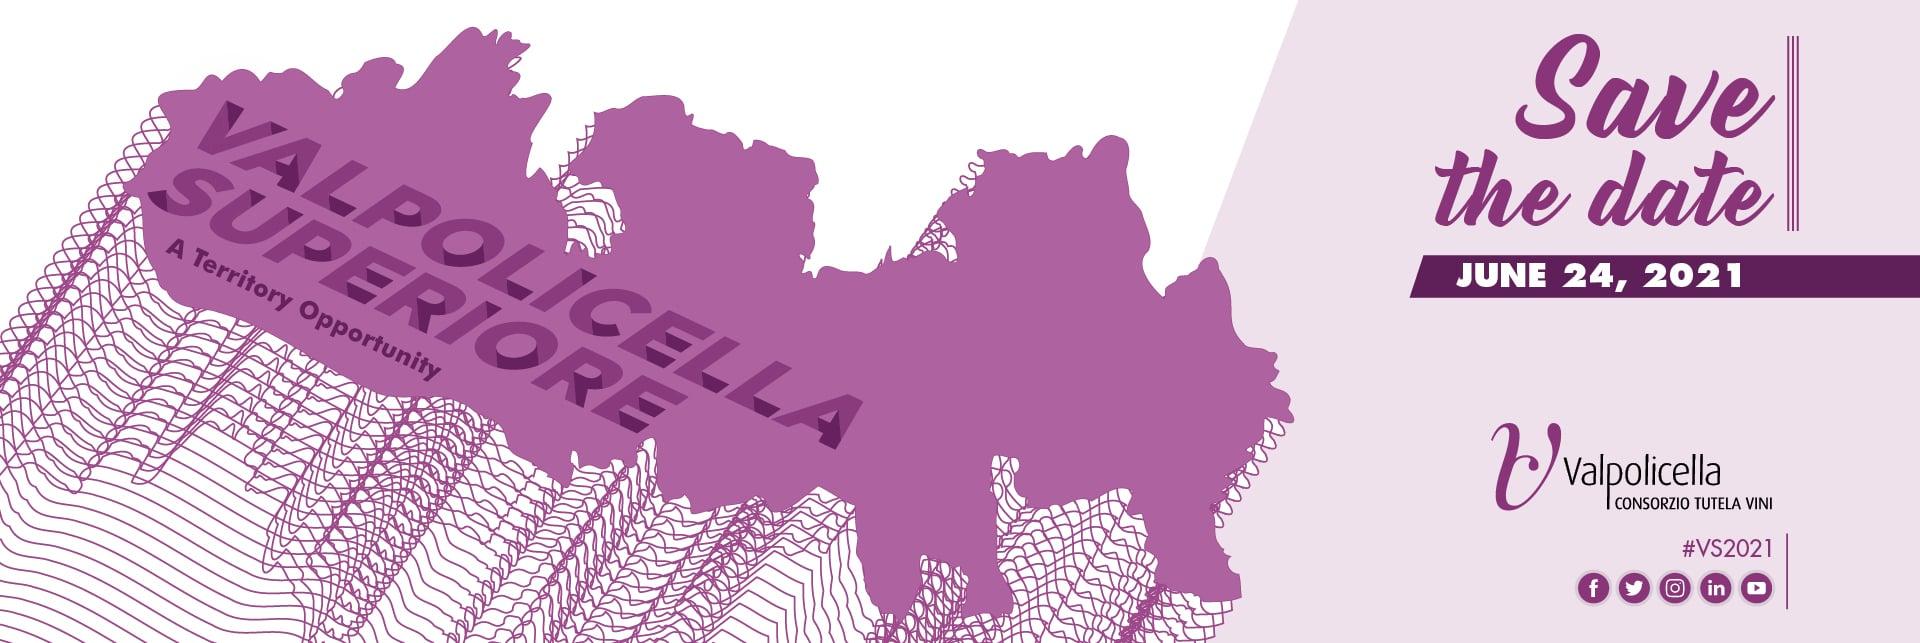 consorzio valpolicella annual conference